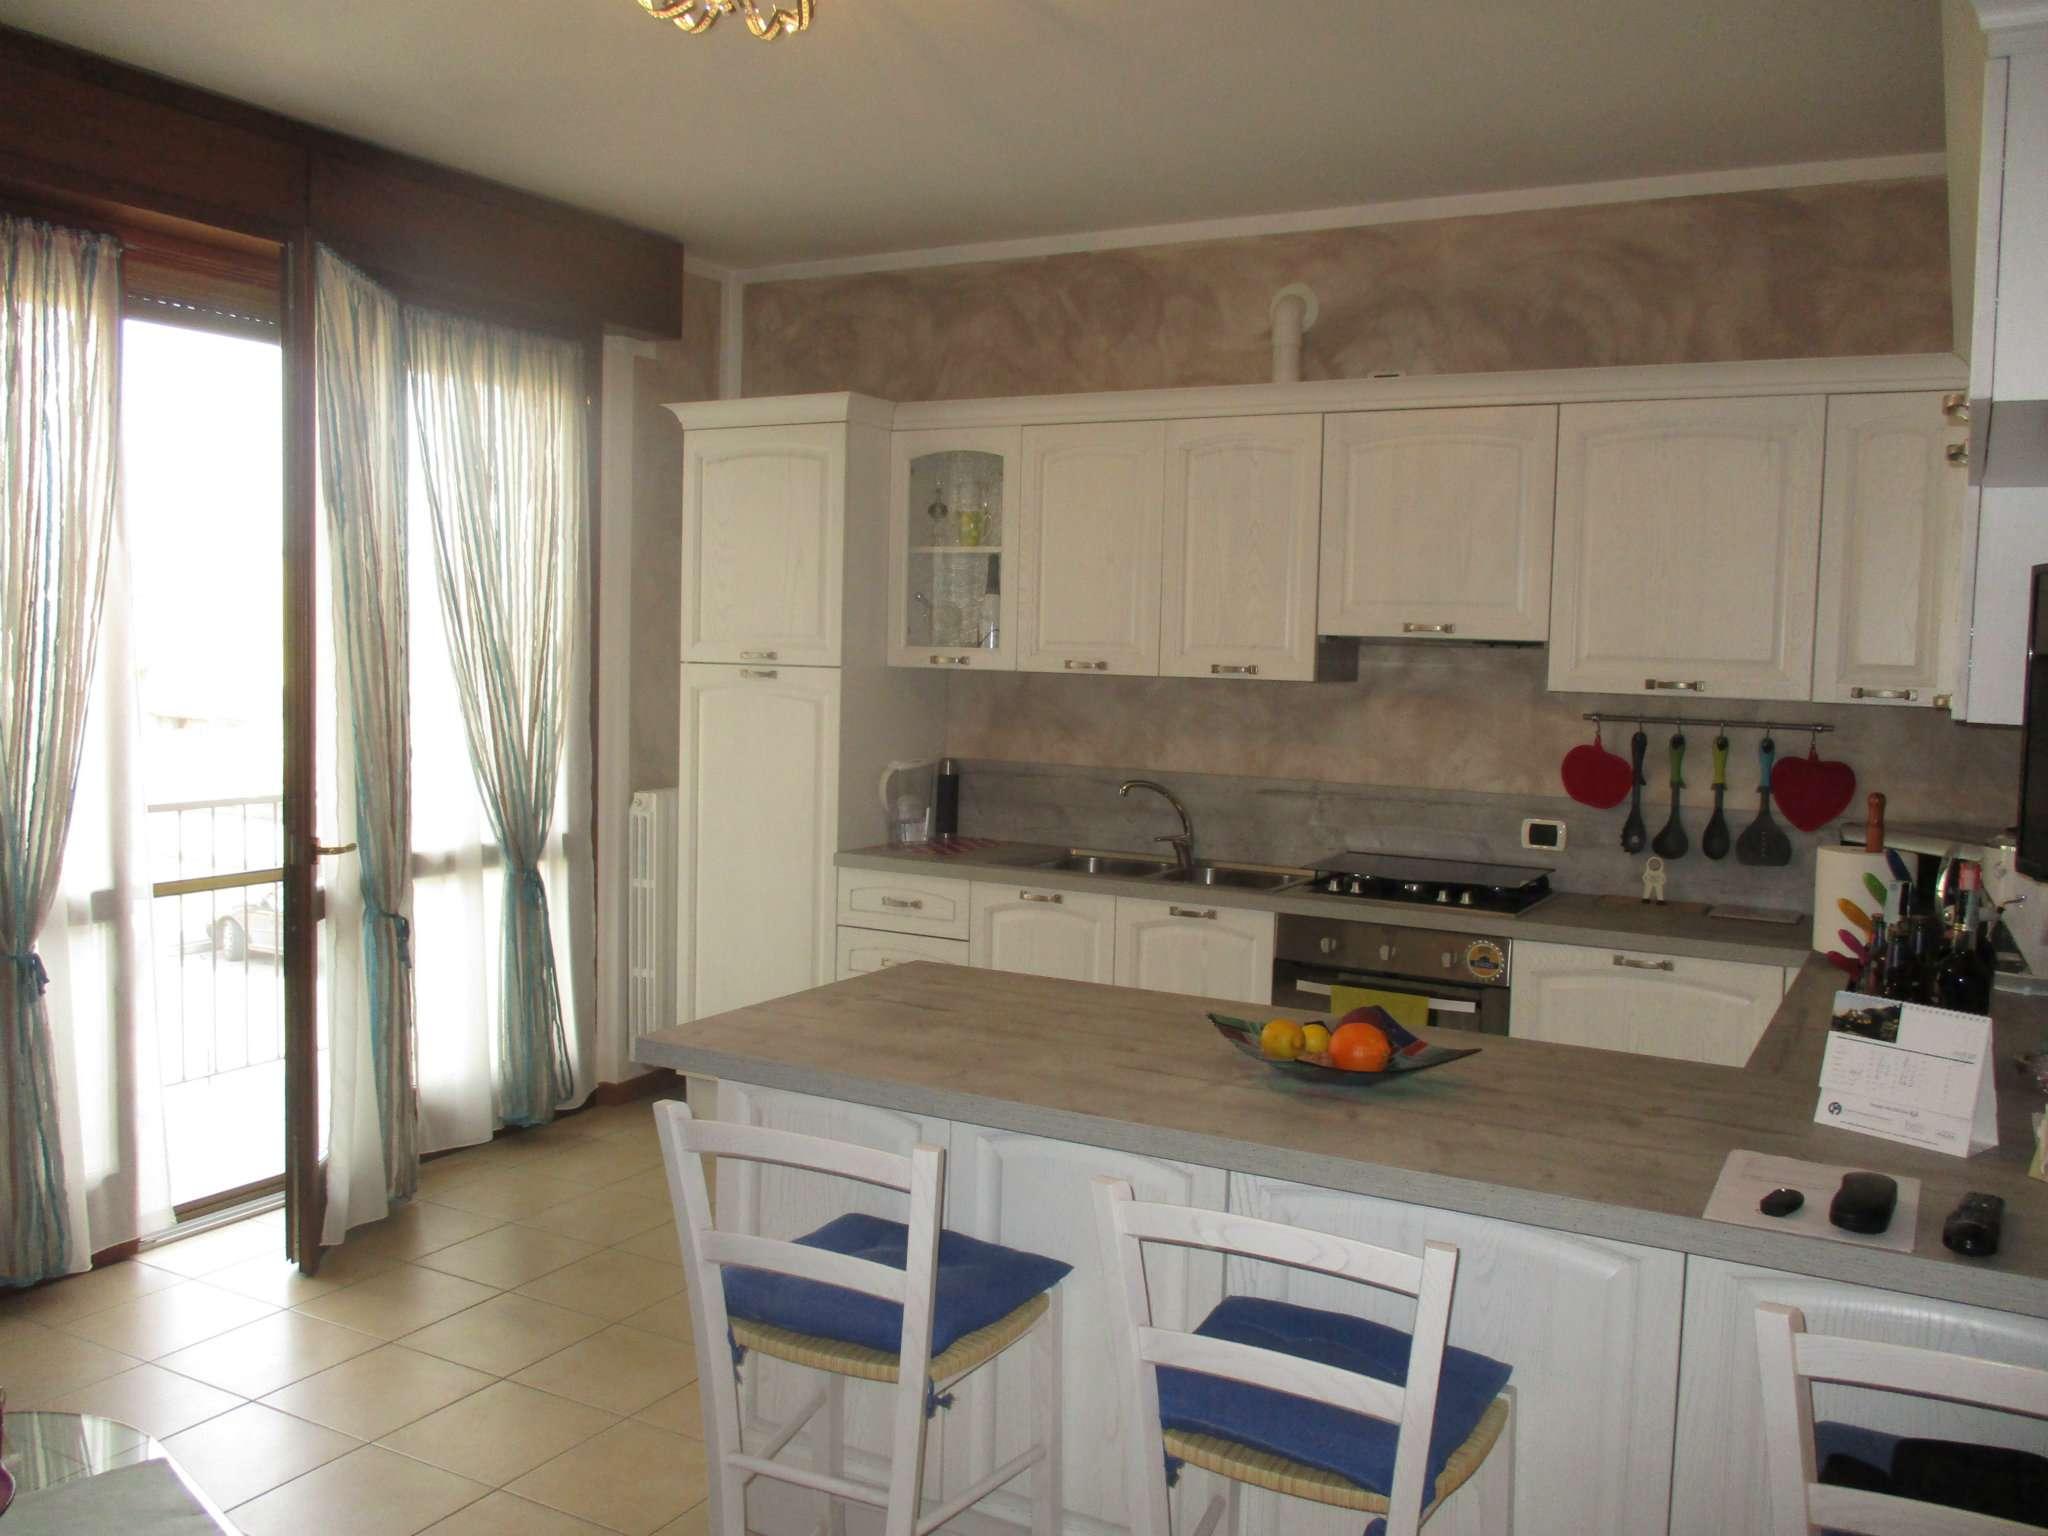 Appartamento in vendita a Fara Olivana con Sola, 2 locali, prezzo € 83.000   CambioCasa.it